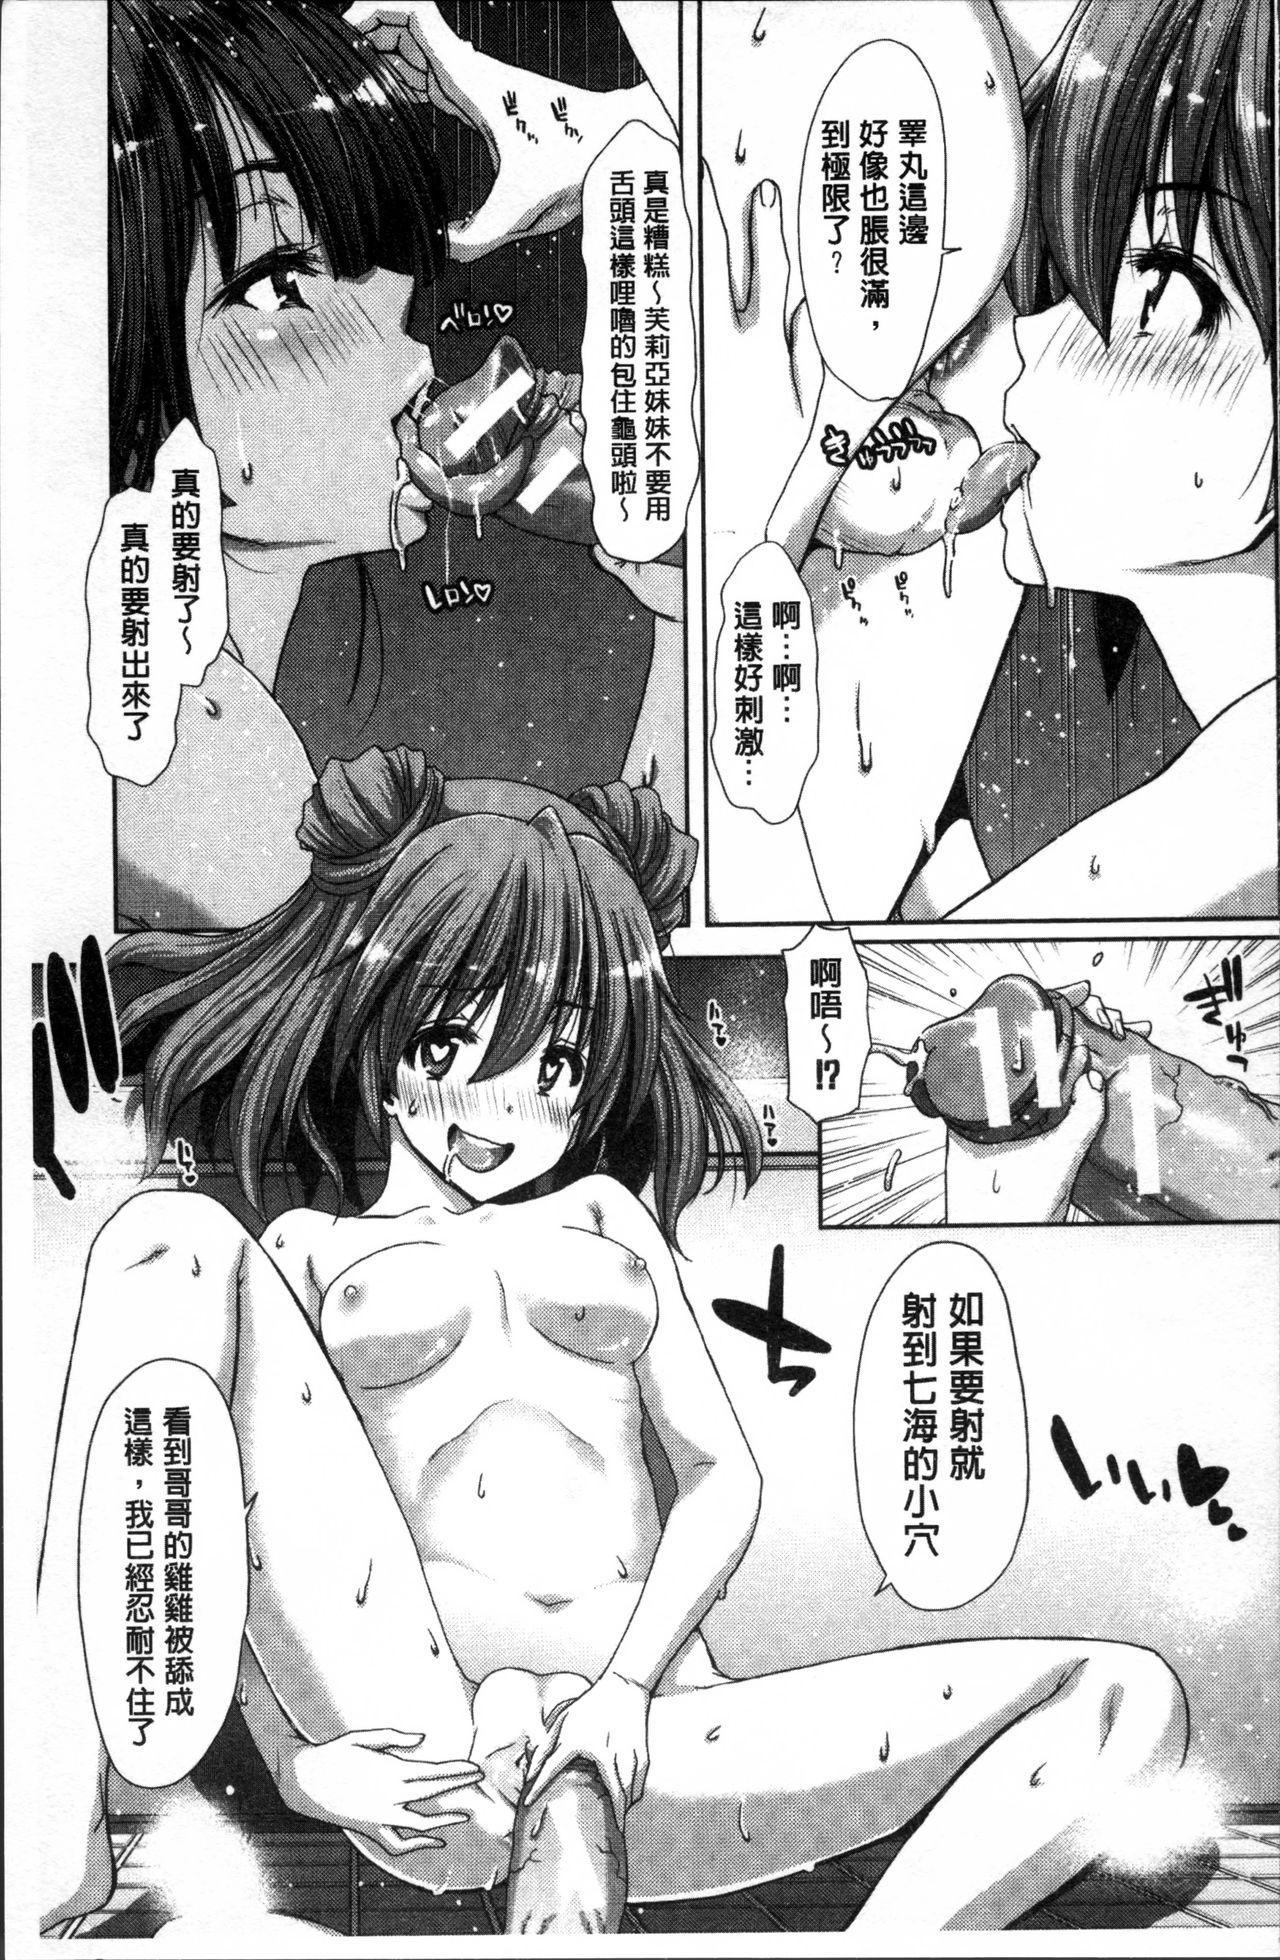 Imouto dakedo Oniichan, H Shiyo! H Shiyo! H Shiyou yo! 127